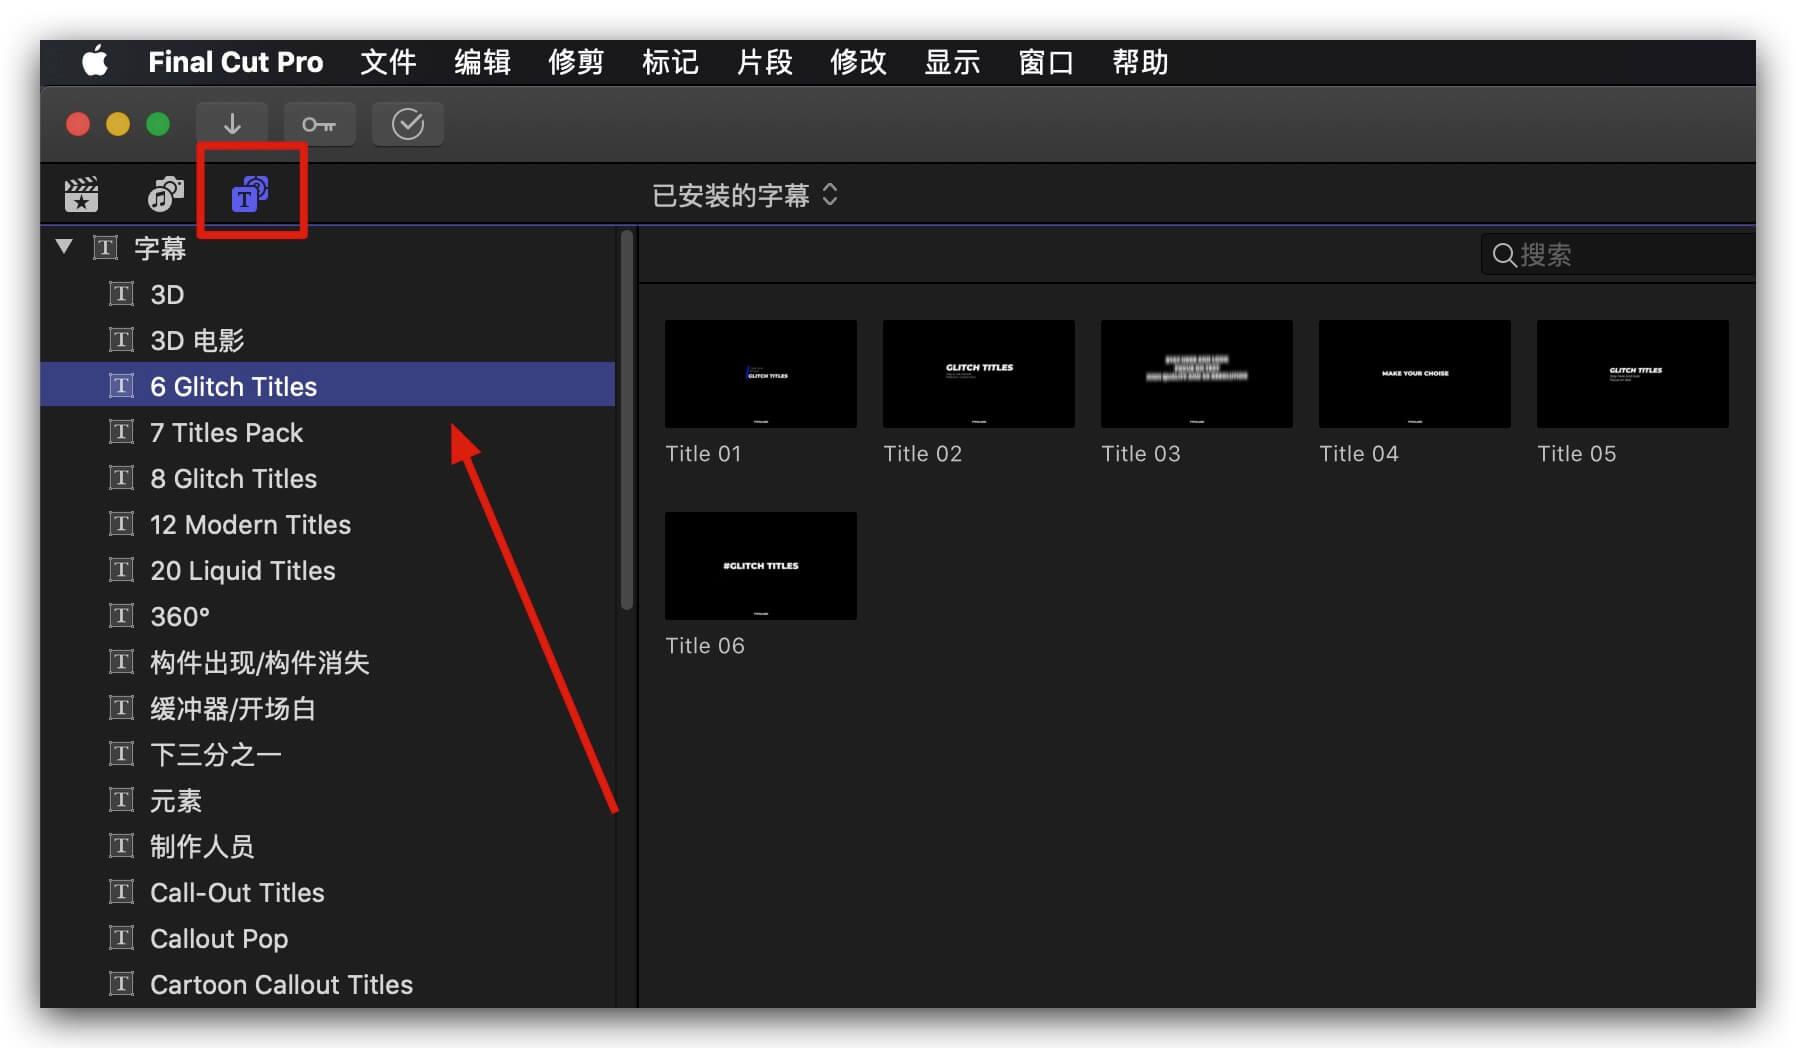 fcpx插件 故障干扰效果主副文字标题组合预设 Glitch Titles